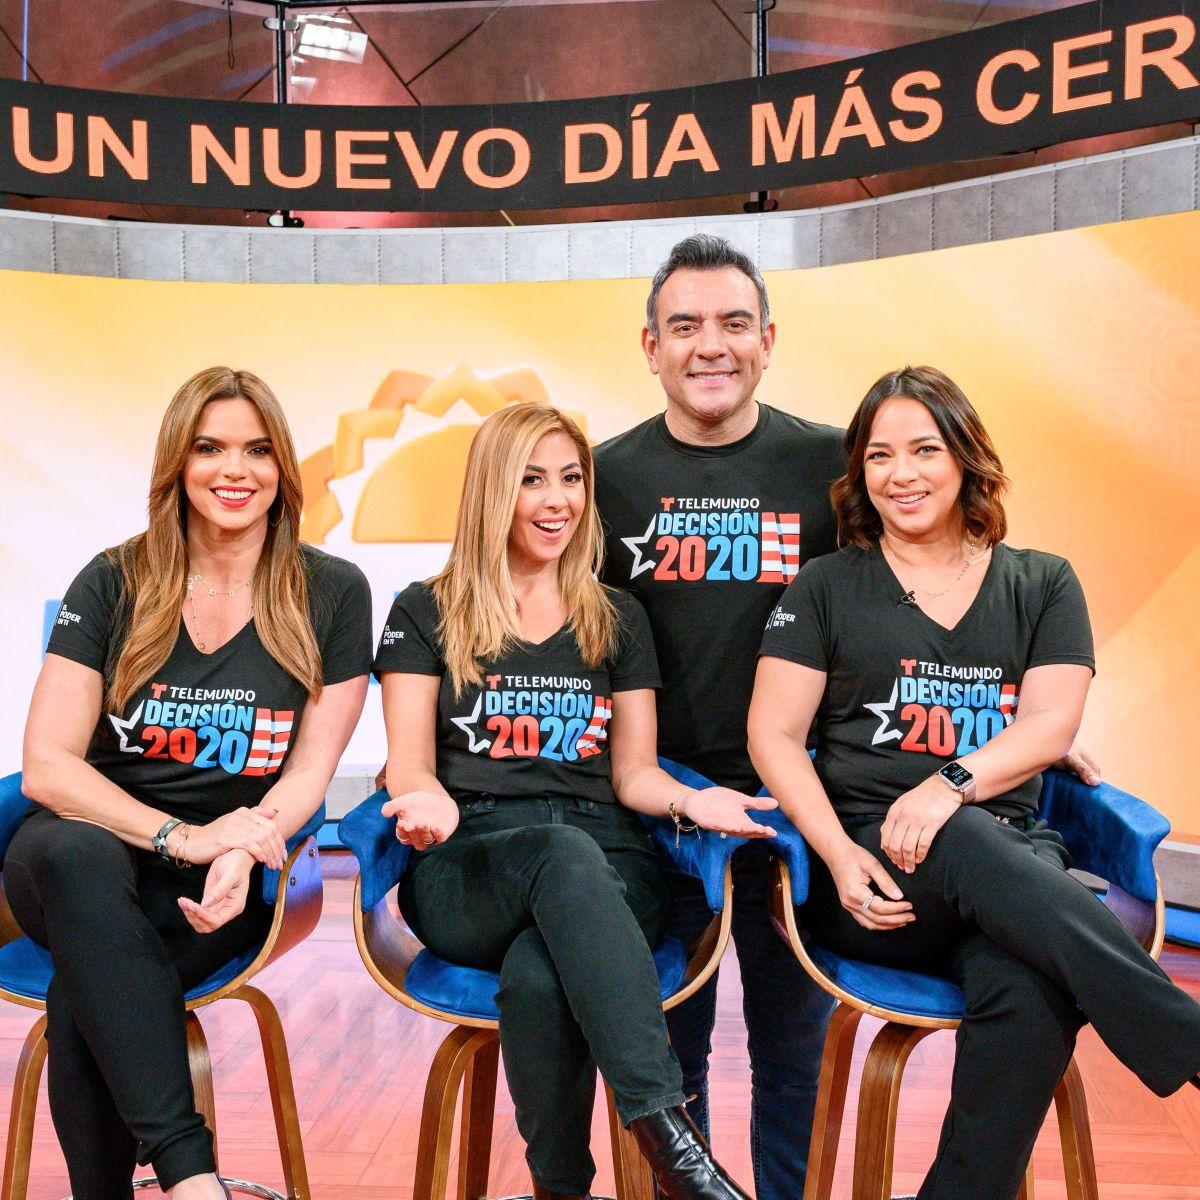 Decisión 2020, la apuesta política de Telemundo, incluye un nuevo noticiero nacional nocturno